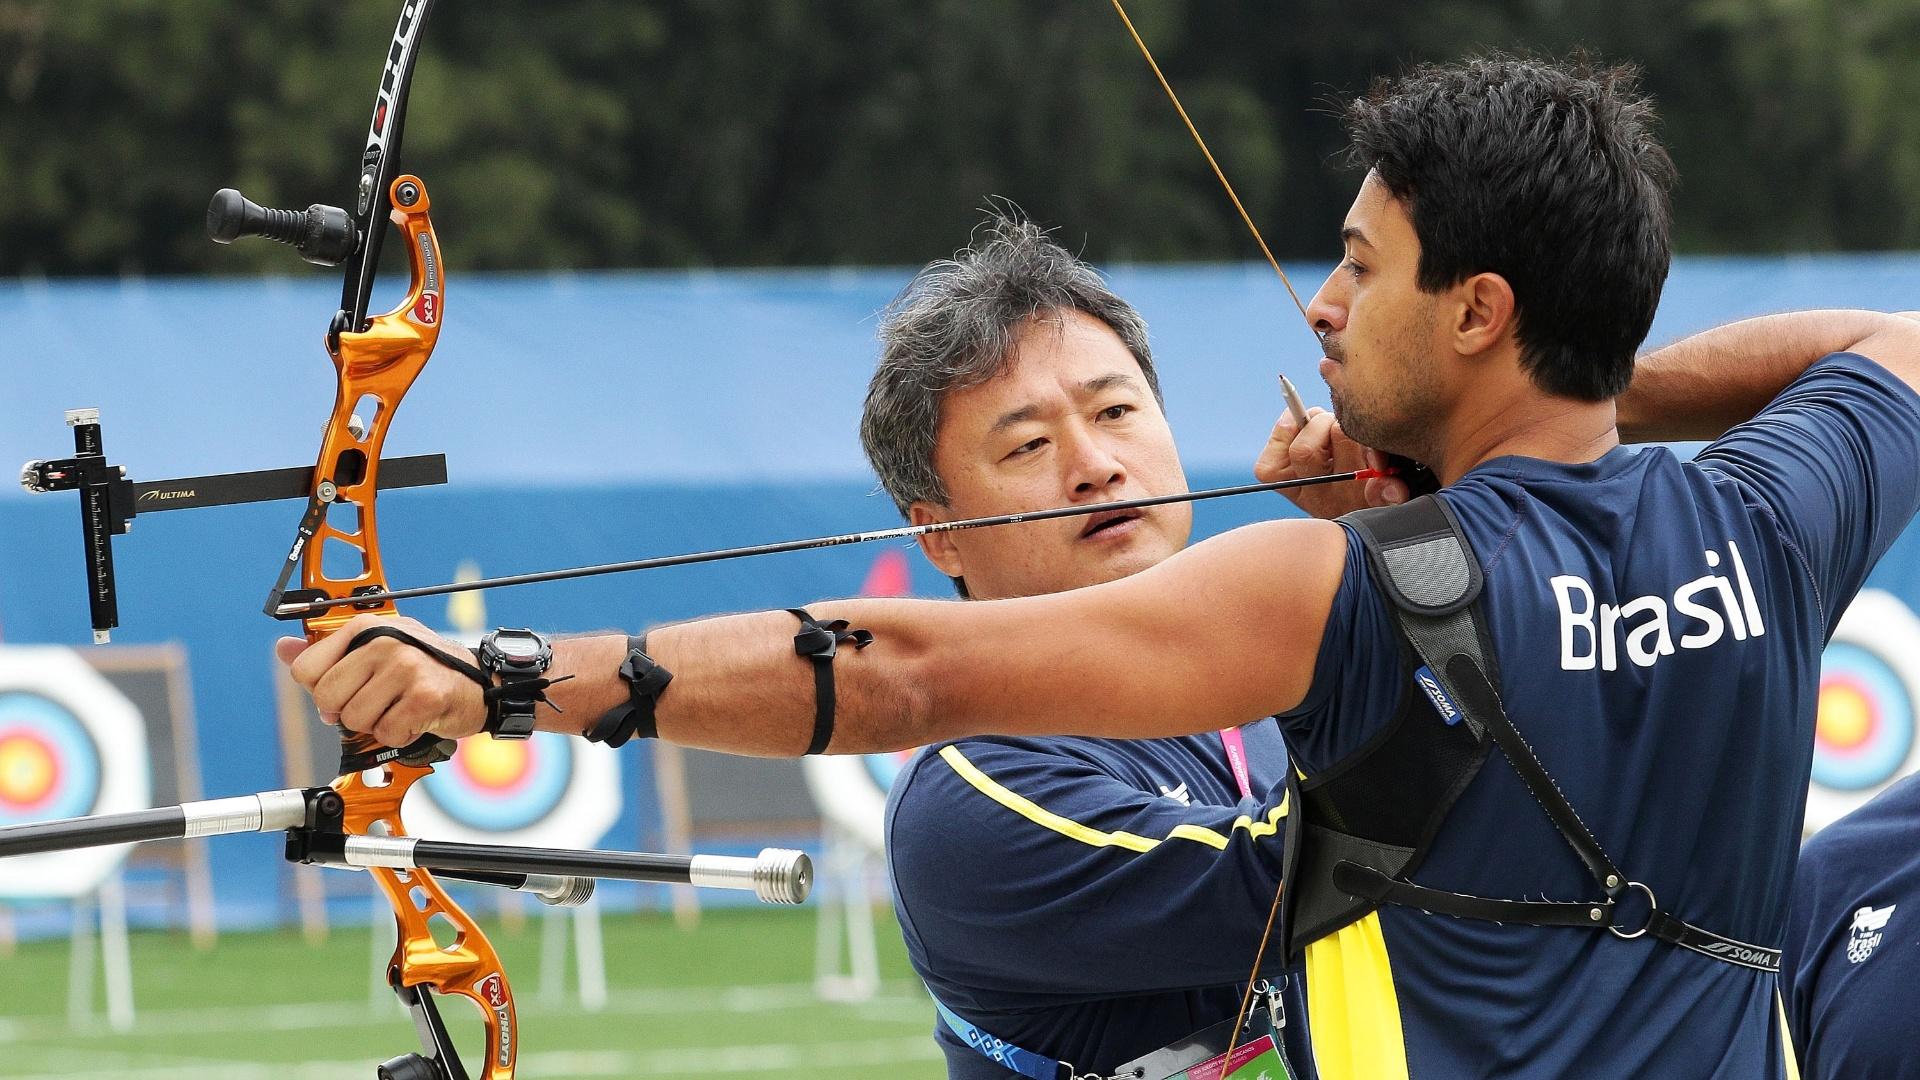 Com o técnico Lim Hee Sik, Daniel Xavier treina tiro com arco na Unidade Desportiva Revolución, em Guadalajara